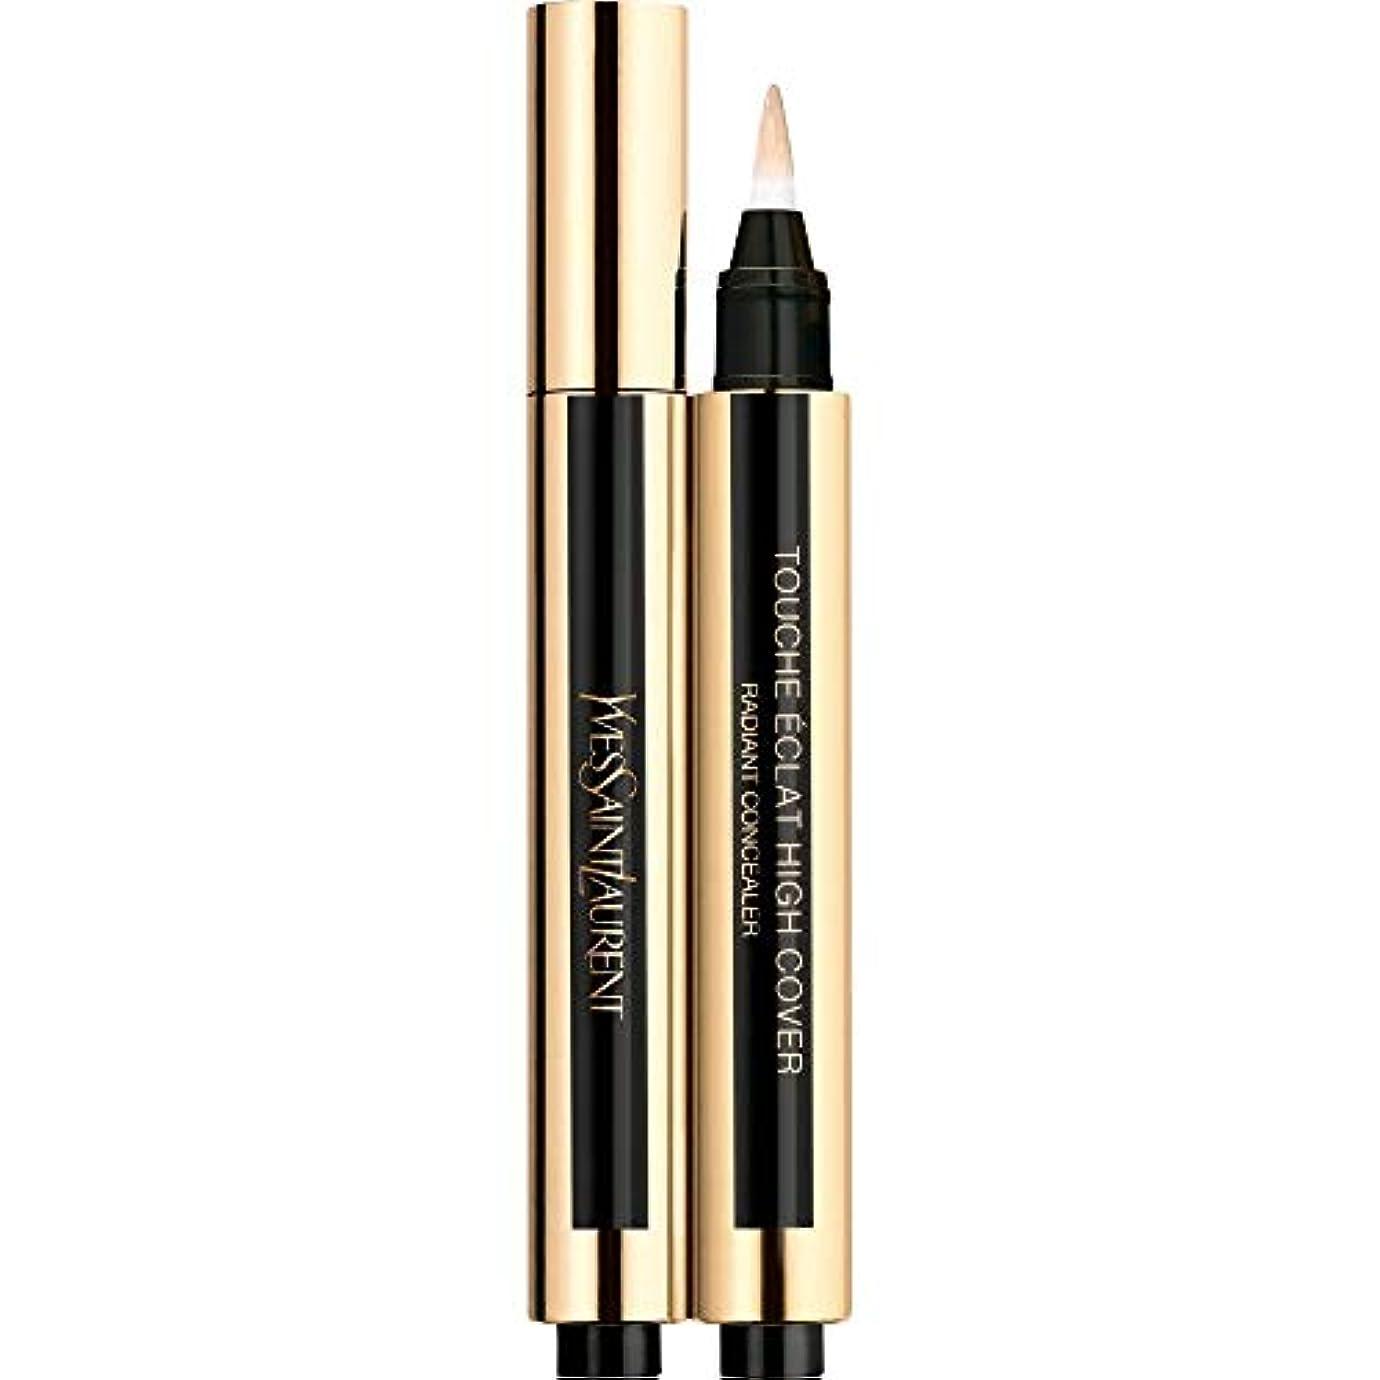 湿度キャスト出発する[Yves Saint Laurent] 0.5 2.5ミリリットルイヴ・サンローランのトウシュエクラ高いカバー放射コンシーラーペン - バニラ - Yves Saint Laurent Touche Eclat High Cover Radiant Concealer Pen 2.5ml 0.5 - Vanilla [並行輸入品]